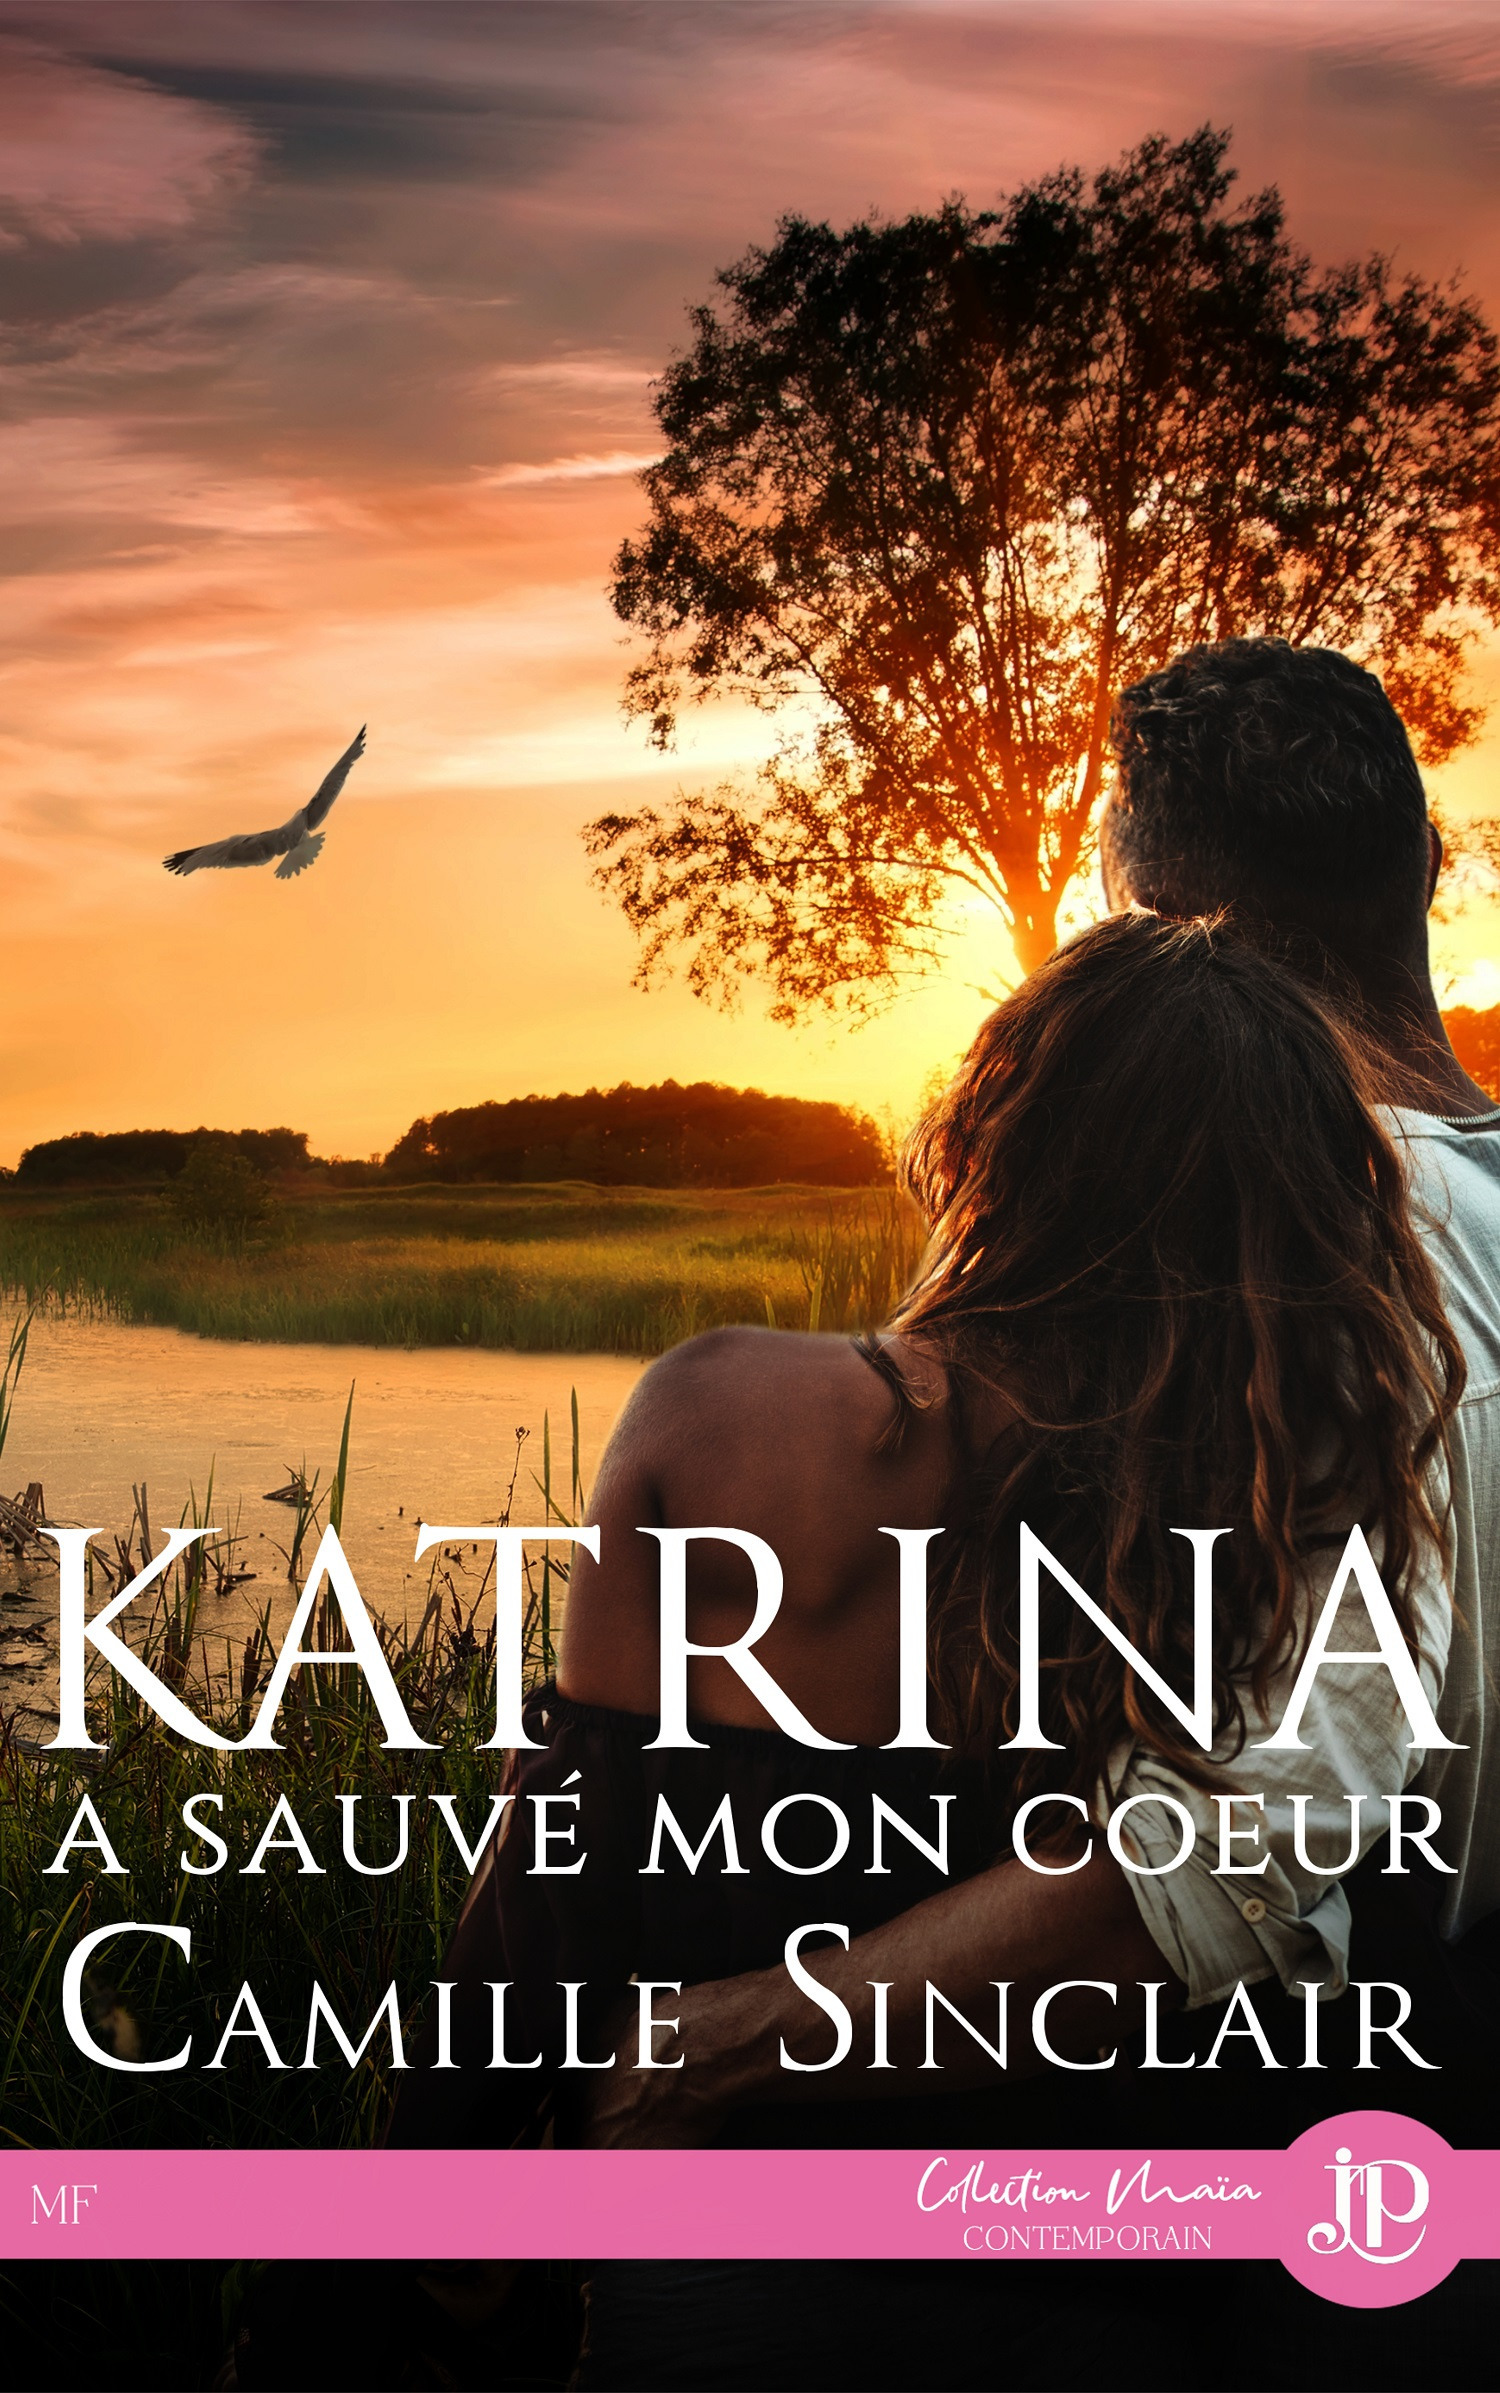 Katrina a sauvé mon coeur  - Camille Sinclair  - Fiction / Romance / Contemporaine